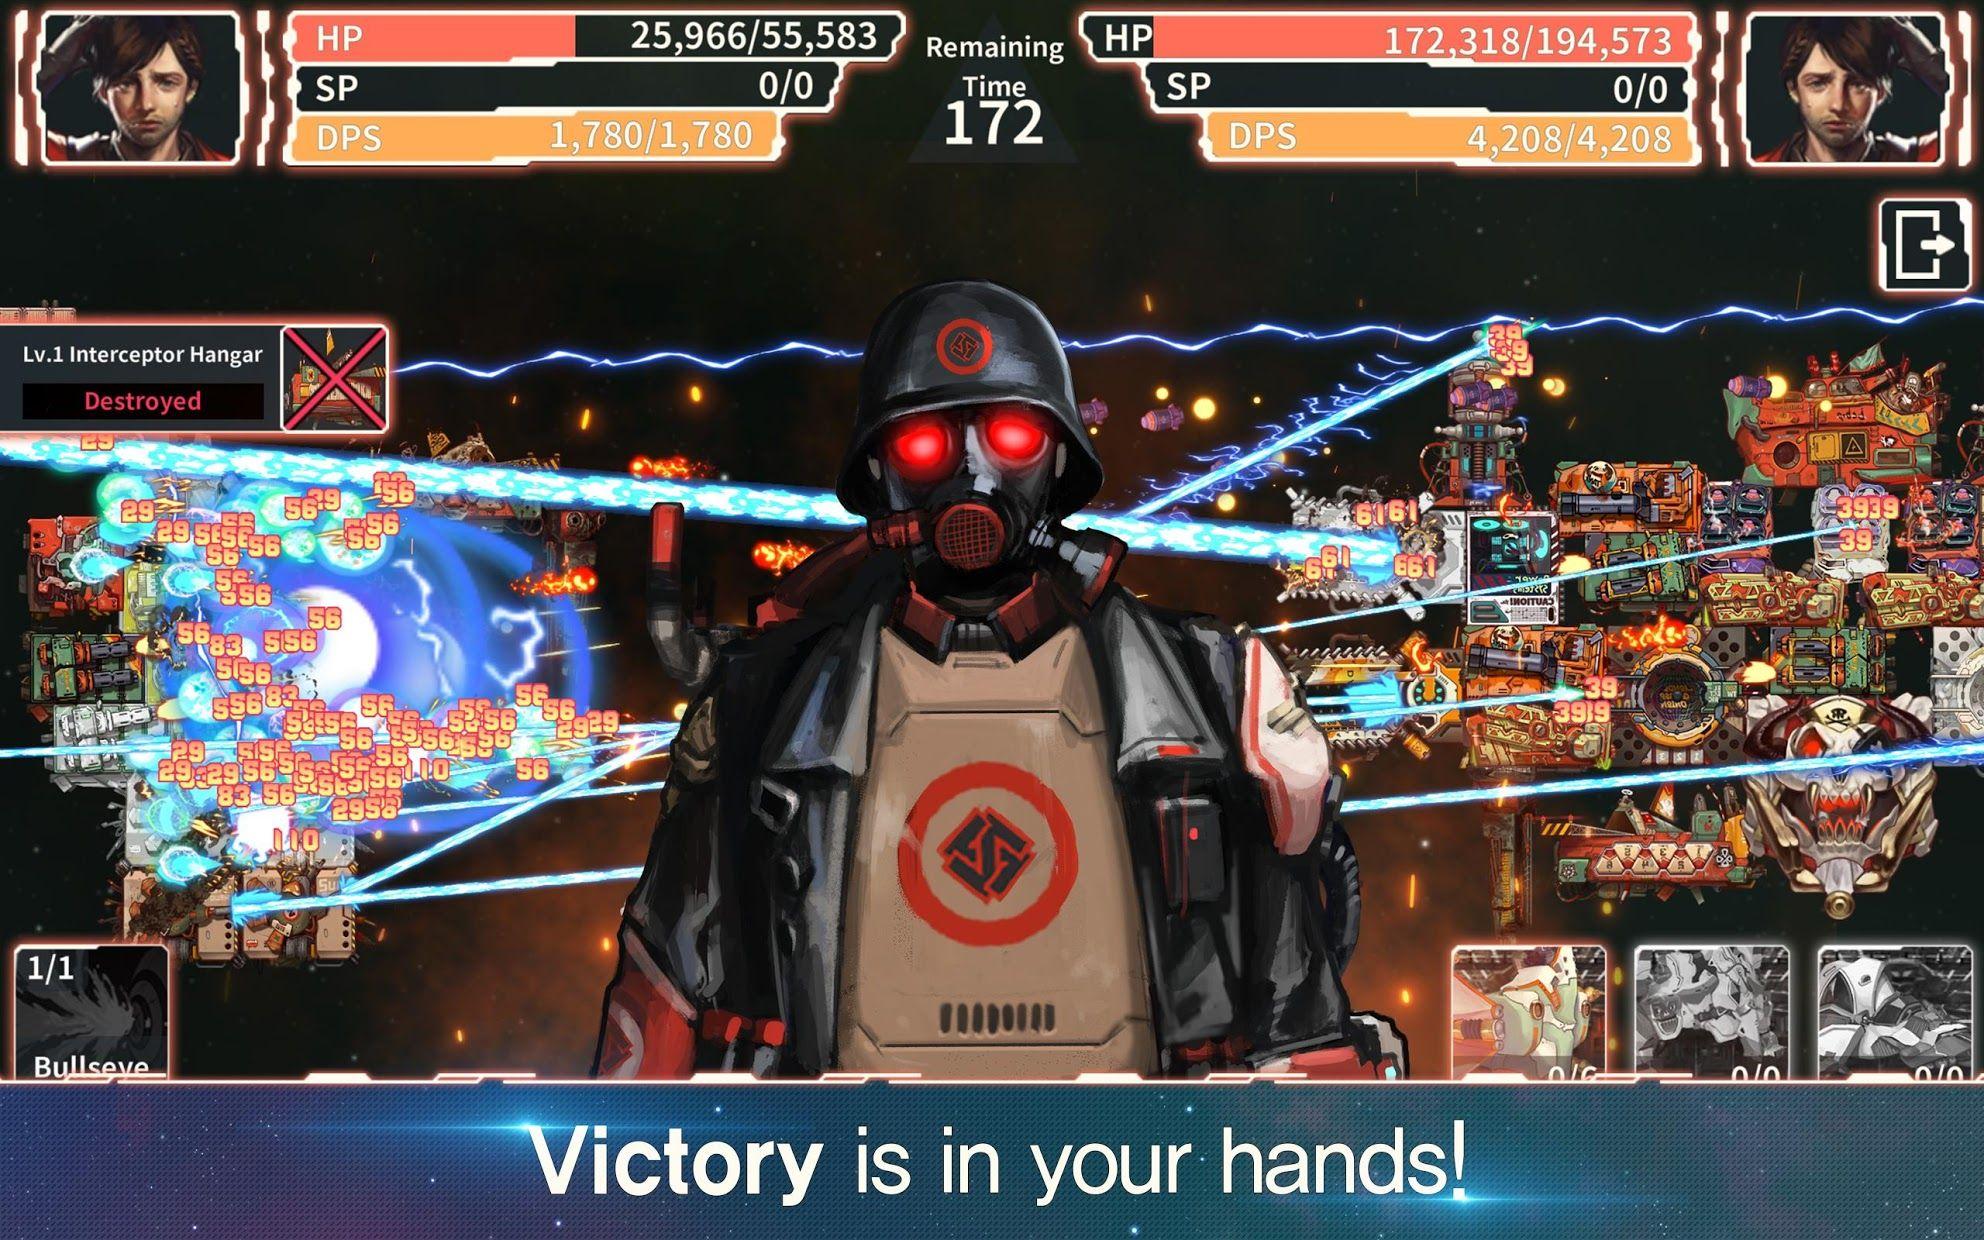 宇宙战争 游戏截图3